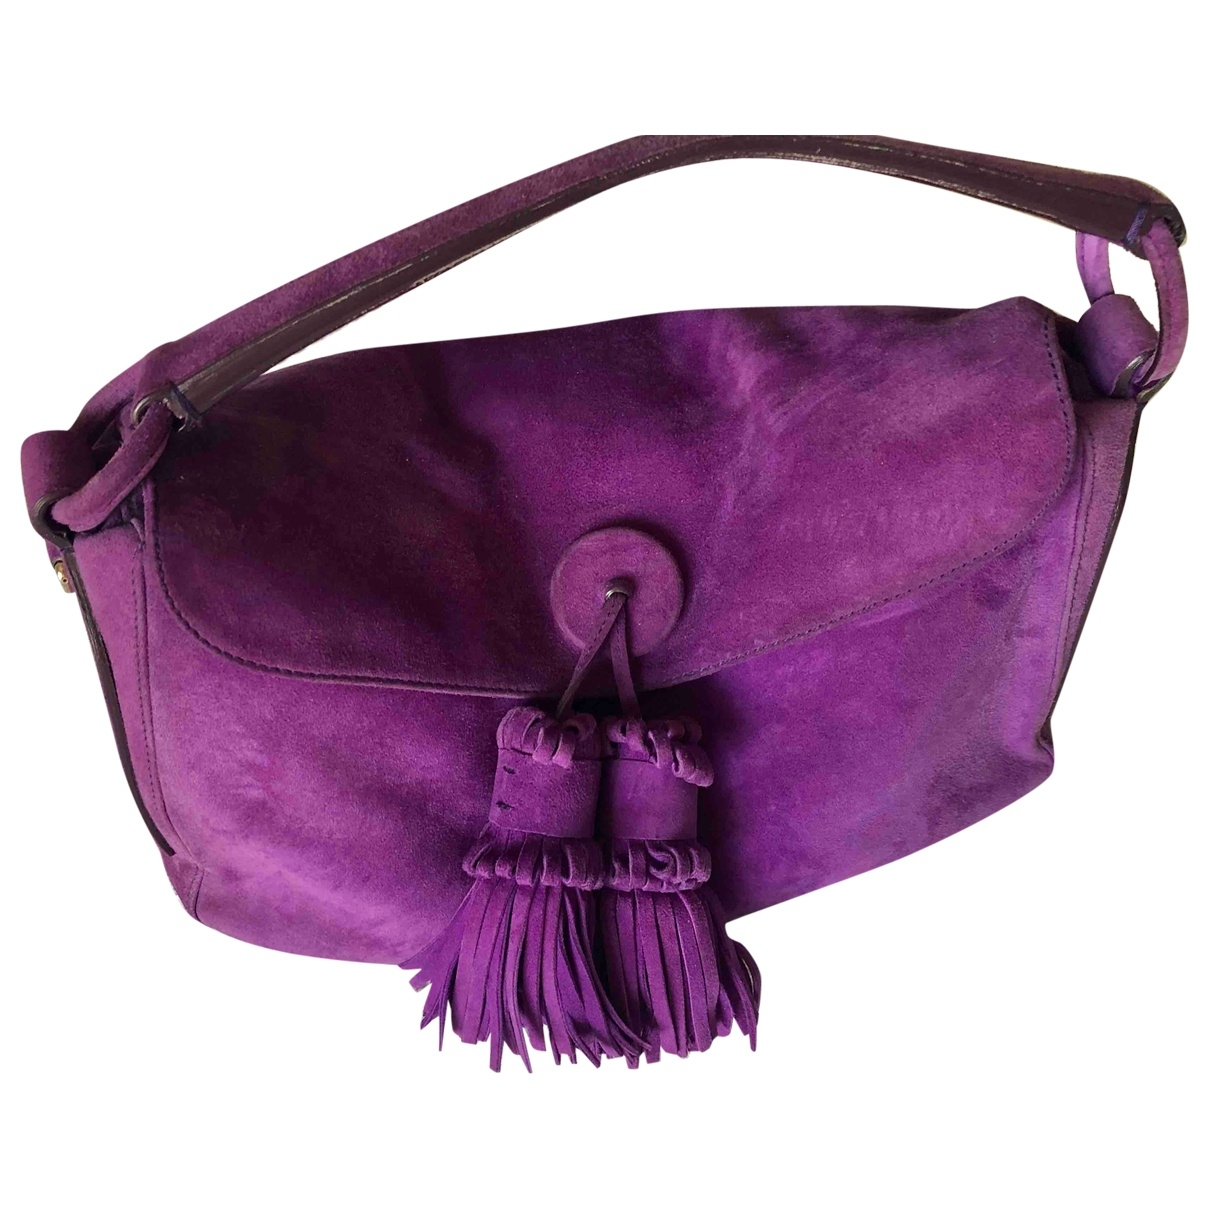 Yves Saint Laurent \N Handtasche in  Lila Veloursleder